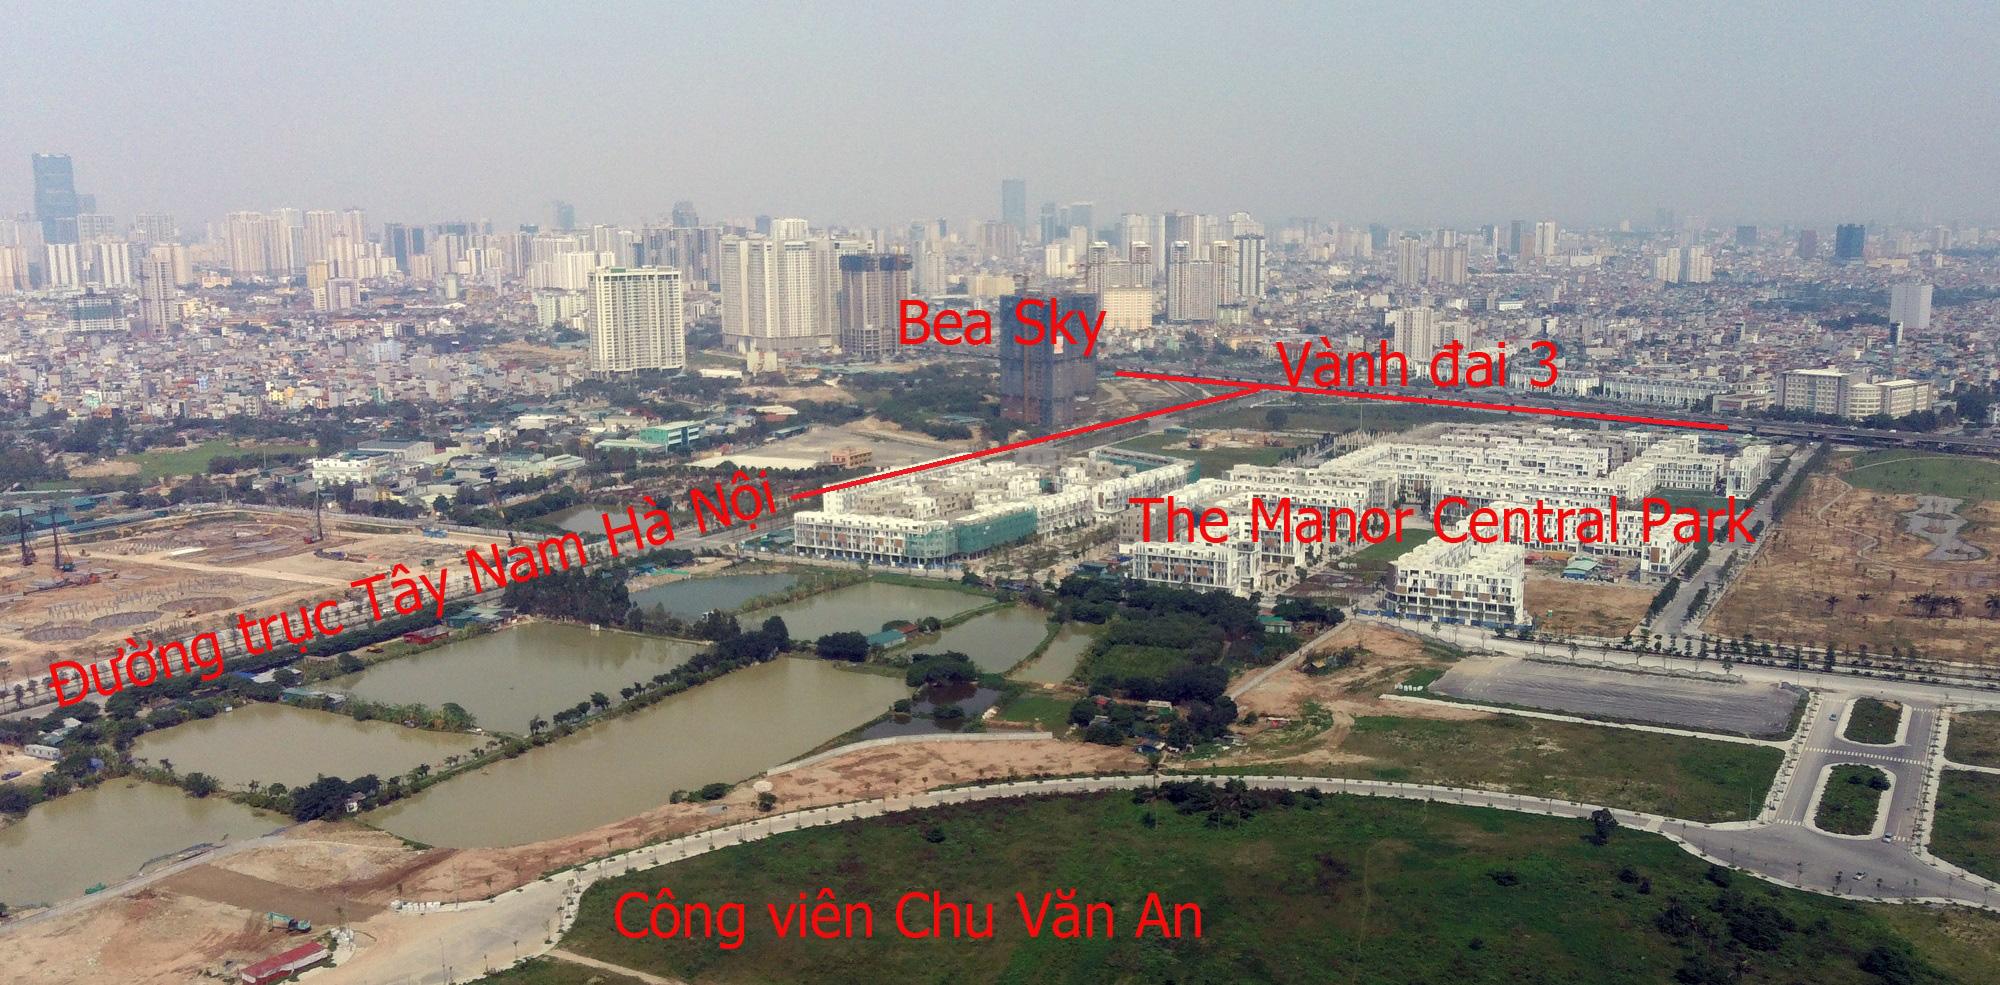 Những dự án 'đón' qui hoạch đường trục Tây Nam Hà Nội qua KĐT Thanh Hà - Ảnh 2.